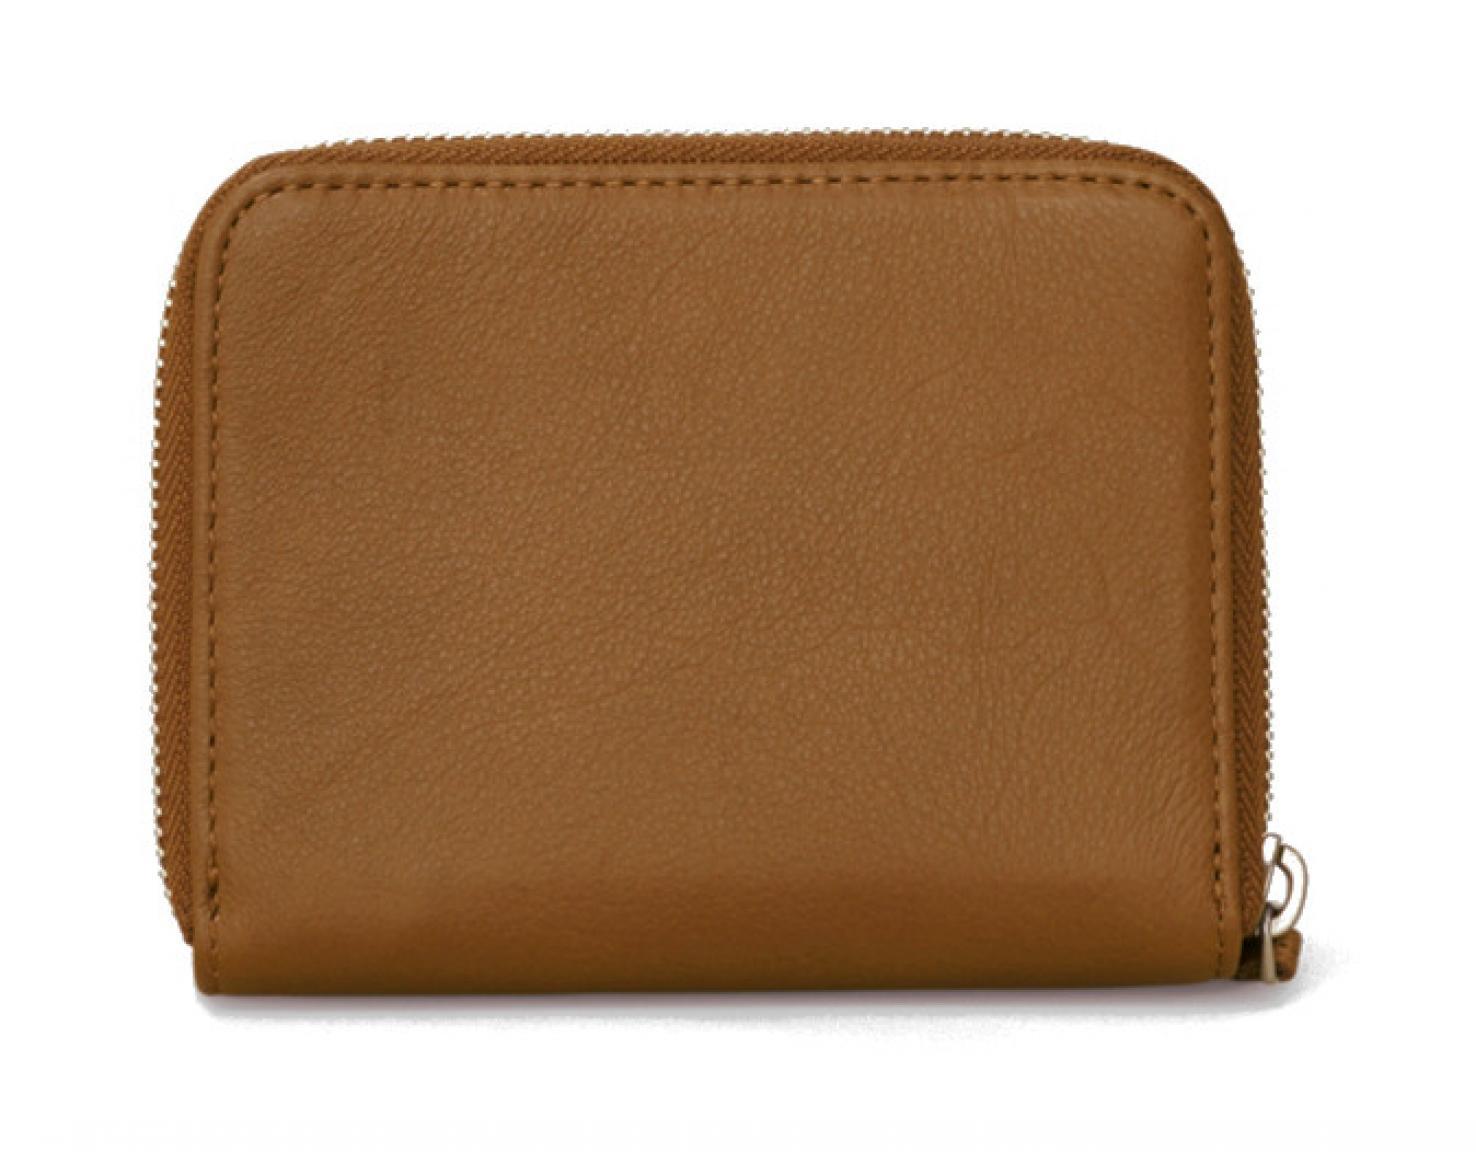 Liebeskind Zipbörse ConnyW7 Vintage warm sioux beige